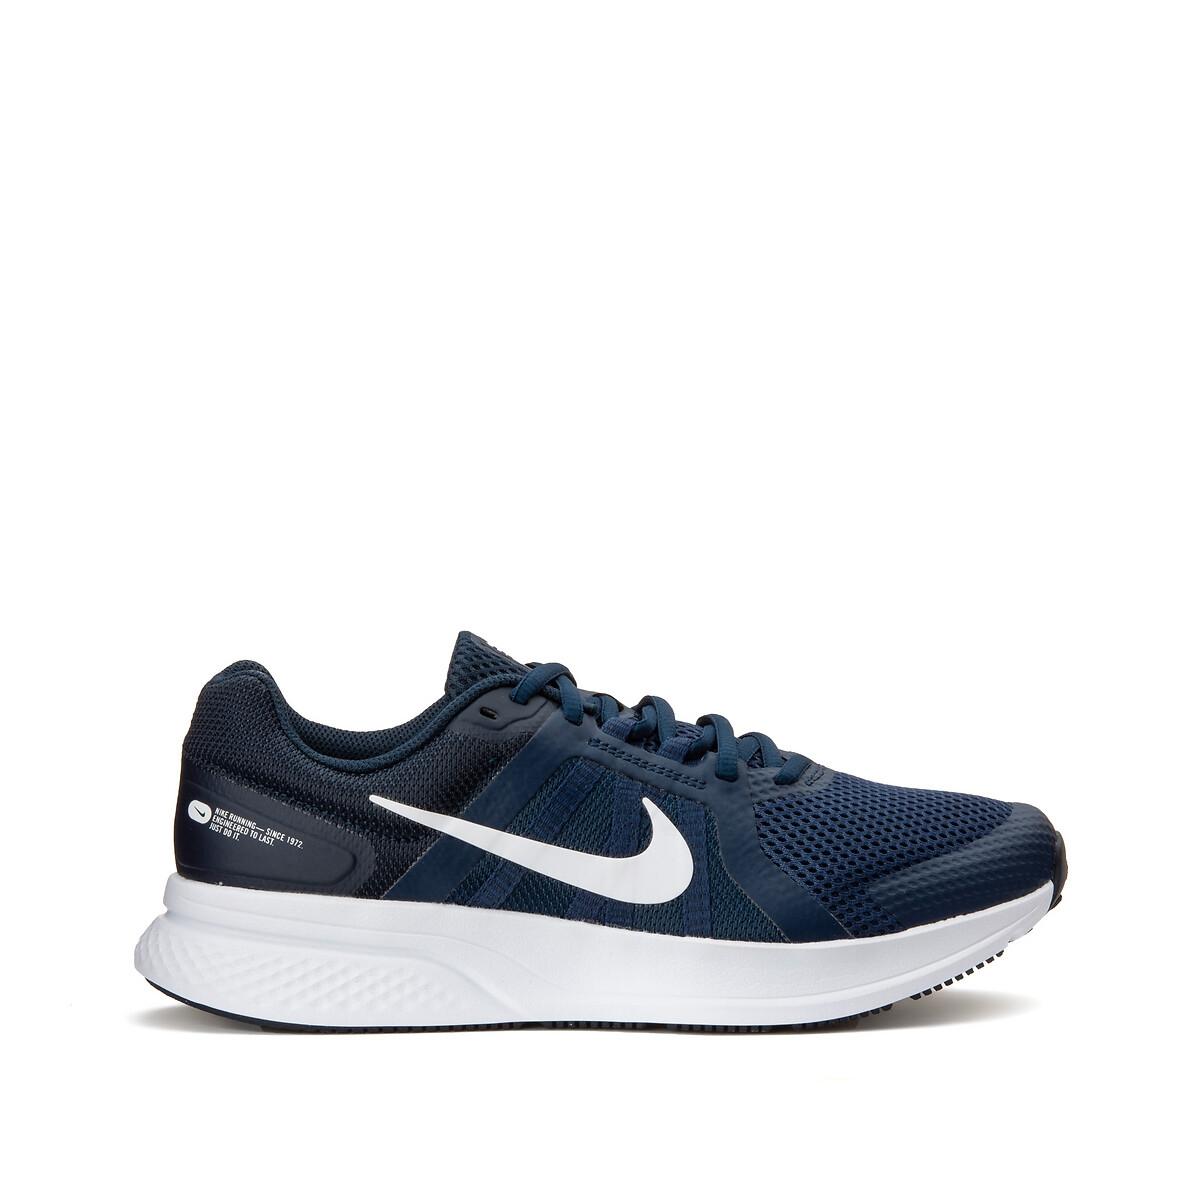 Nike Run Swift 2 Heren Midnight Navy/Obsidian/White Heren online kopen